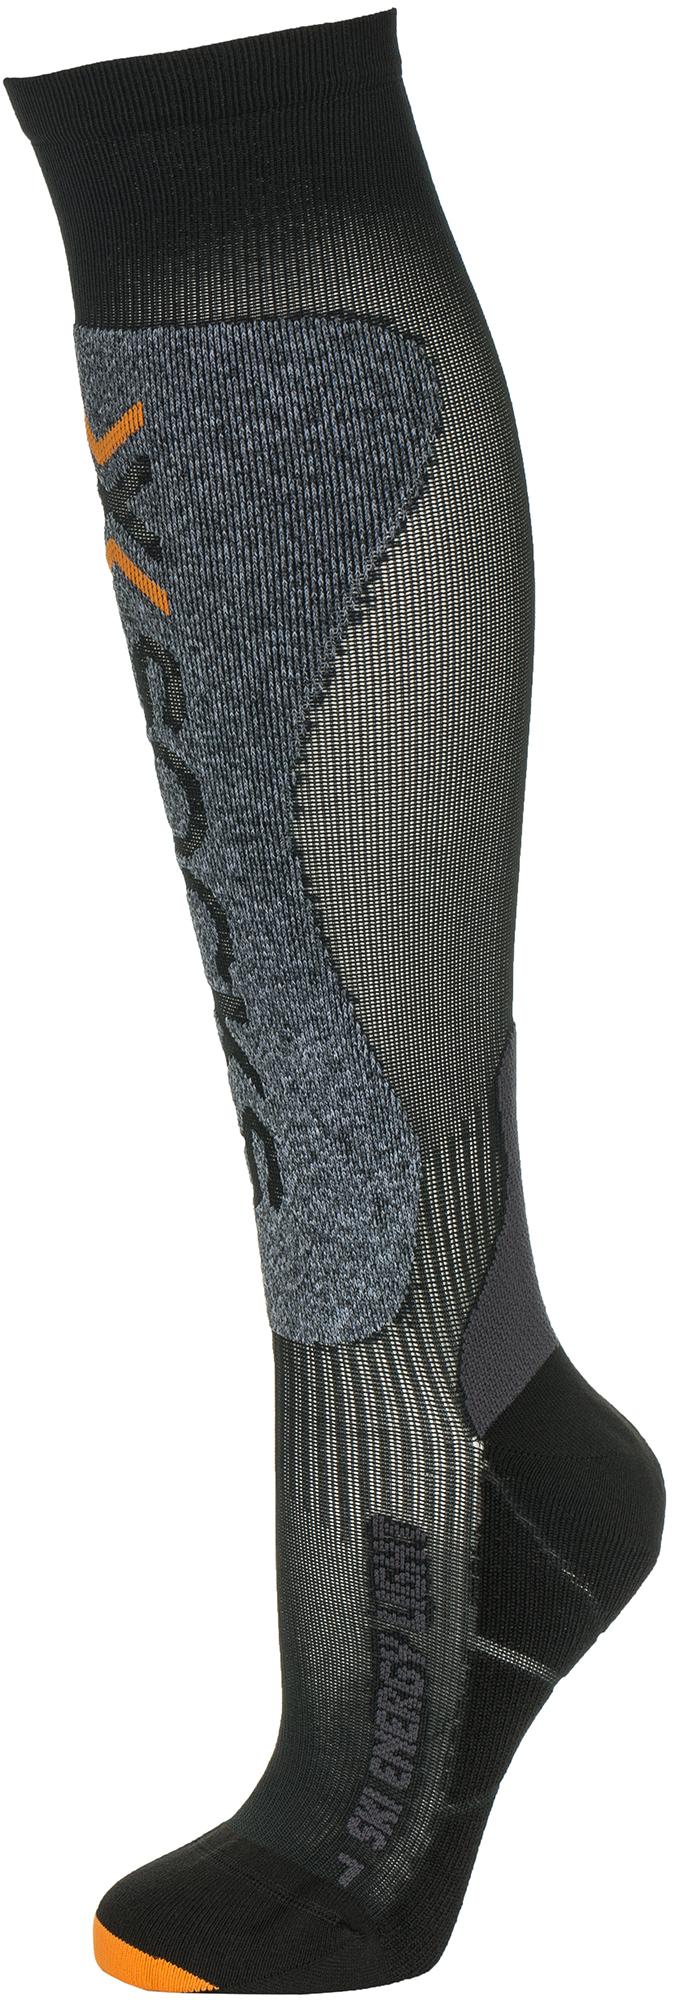 цена на X-Socks Гольфы X-Socks, 1 пара, размер 45-47